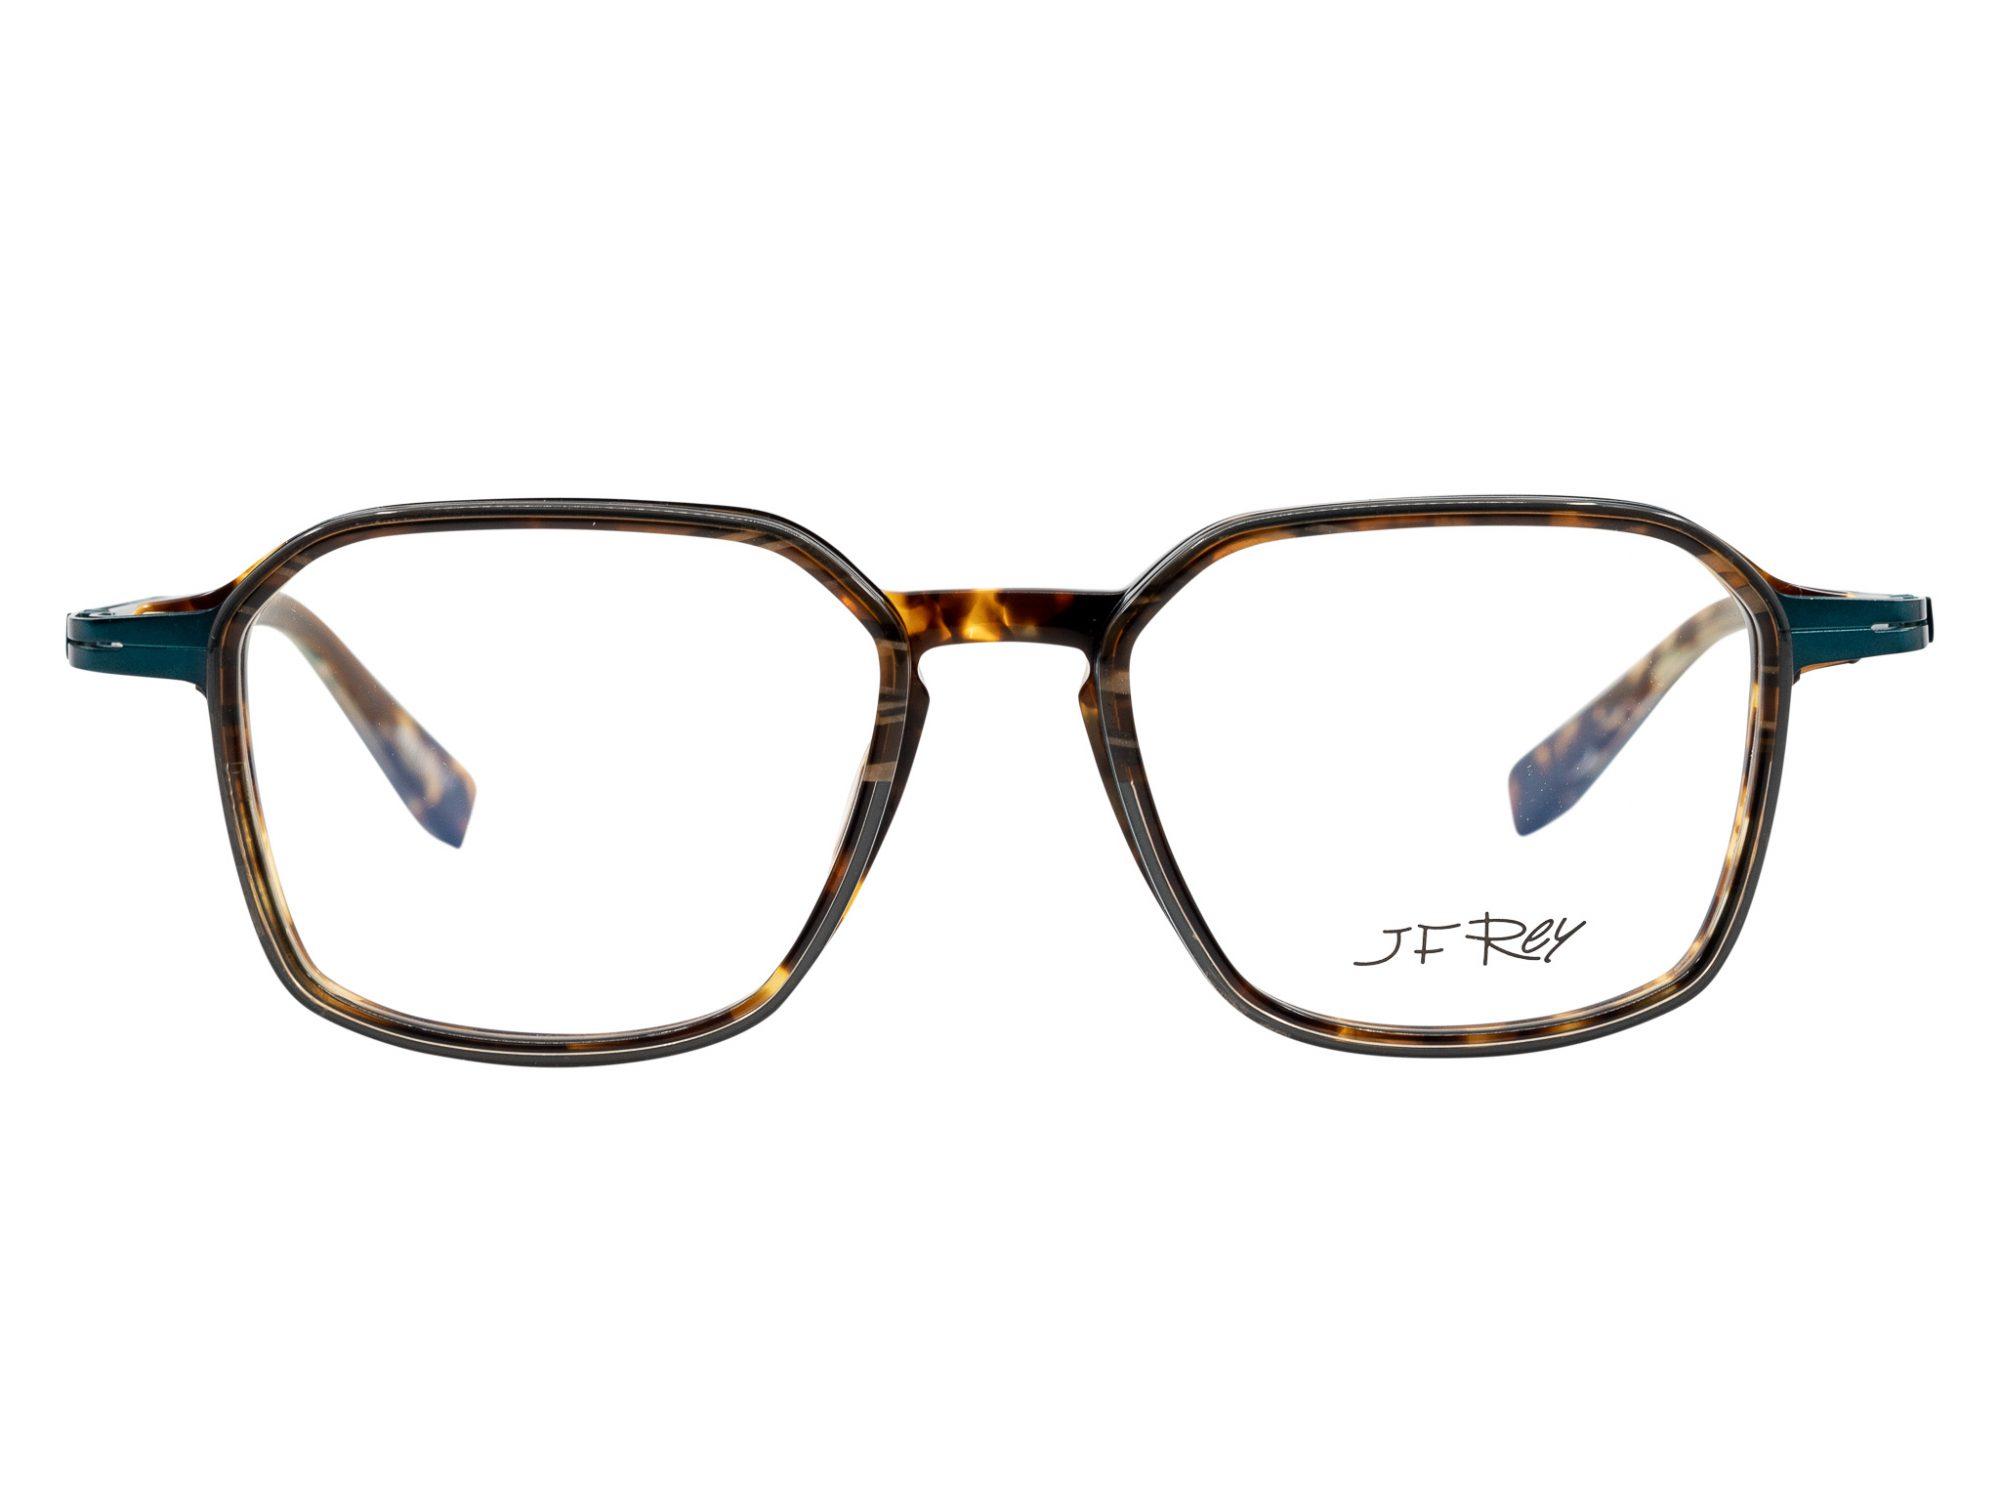 JF Rey JF2950 9025